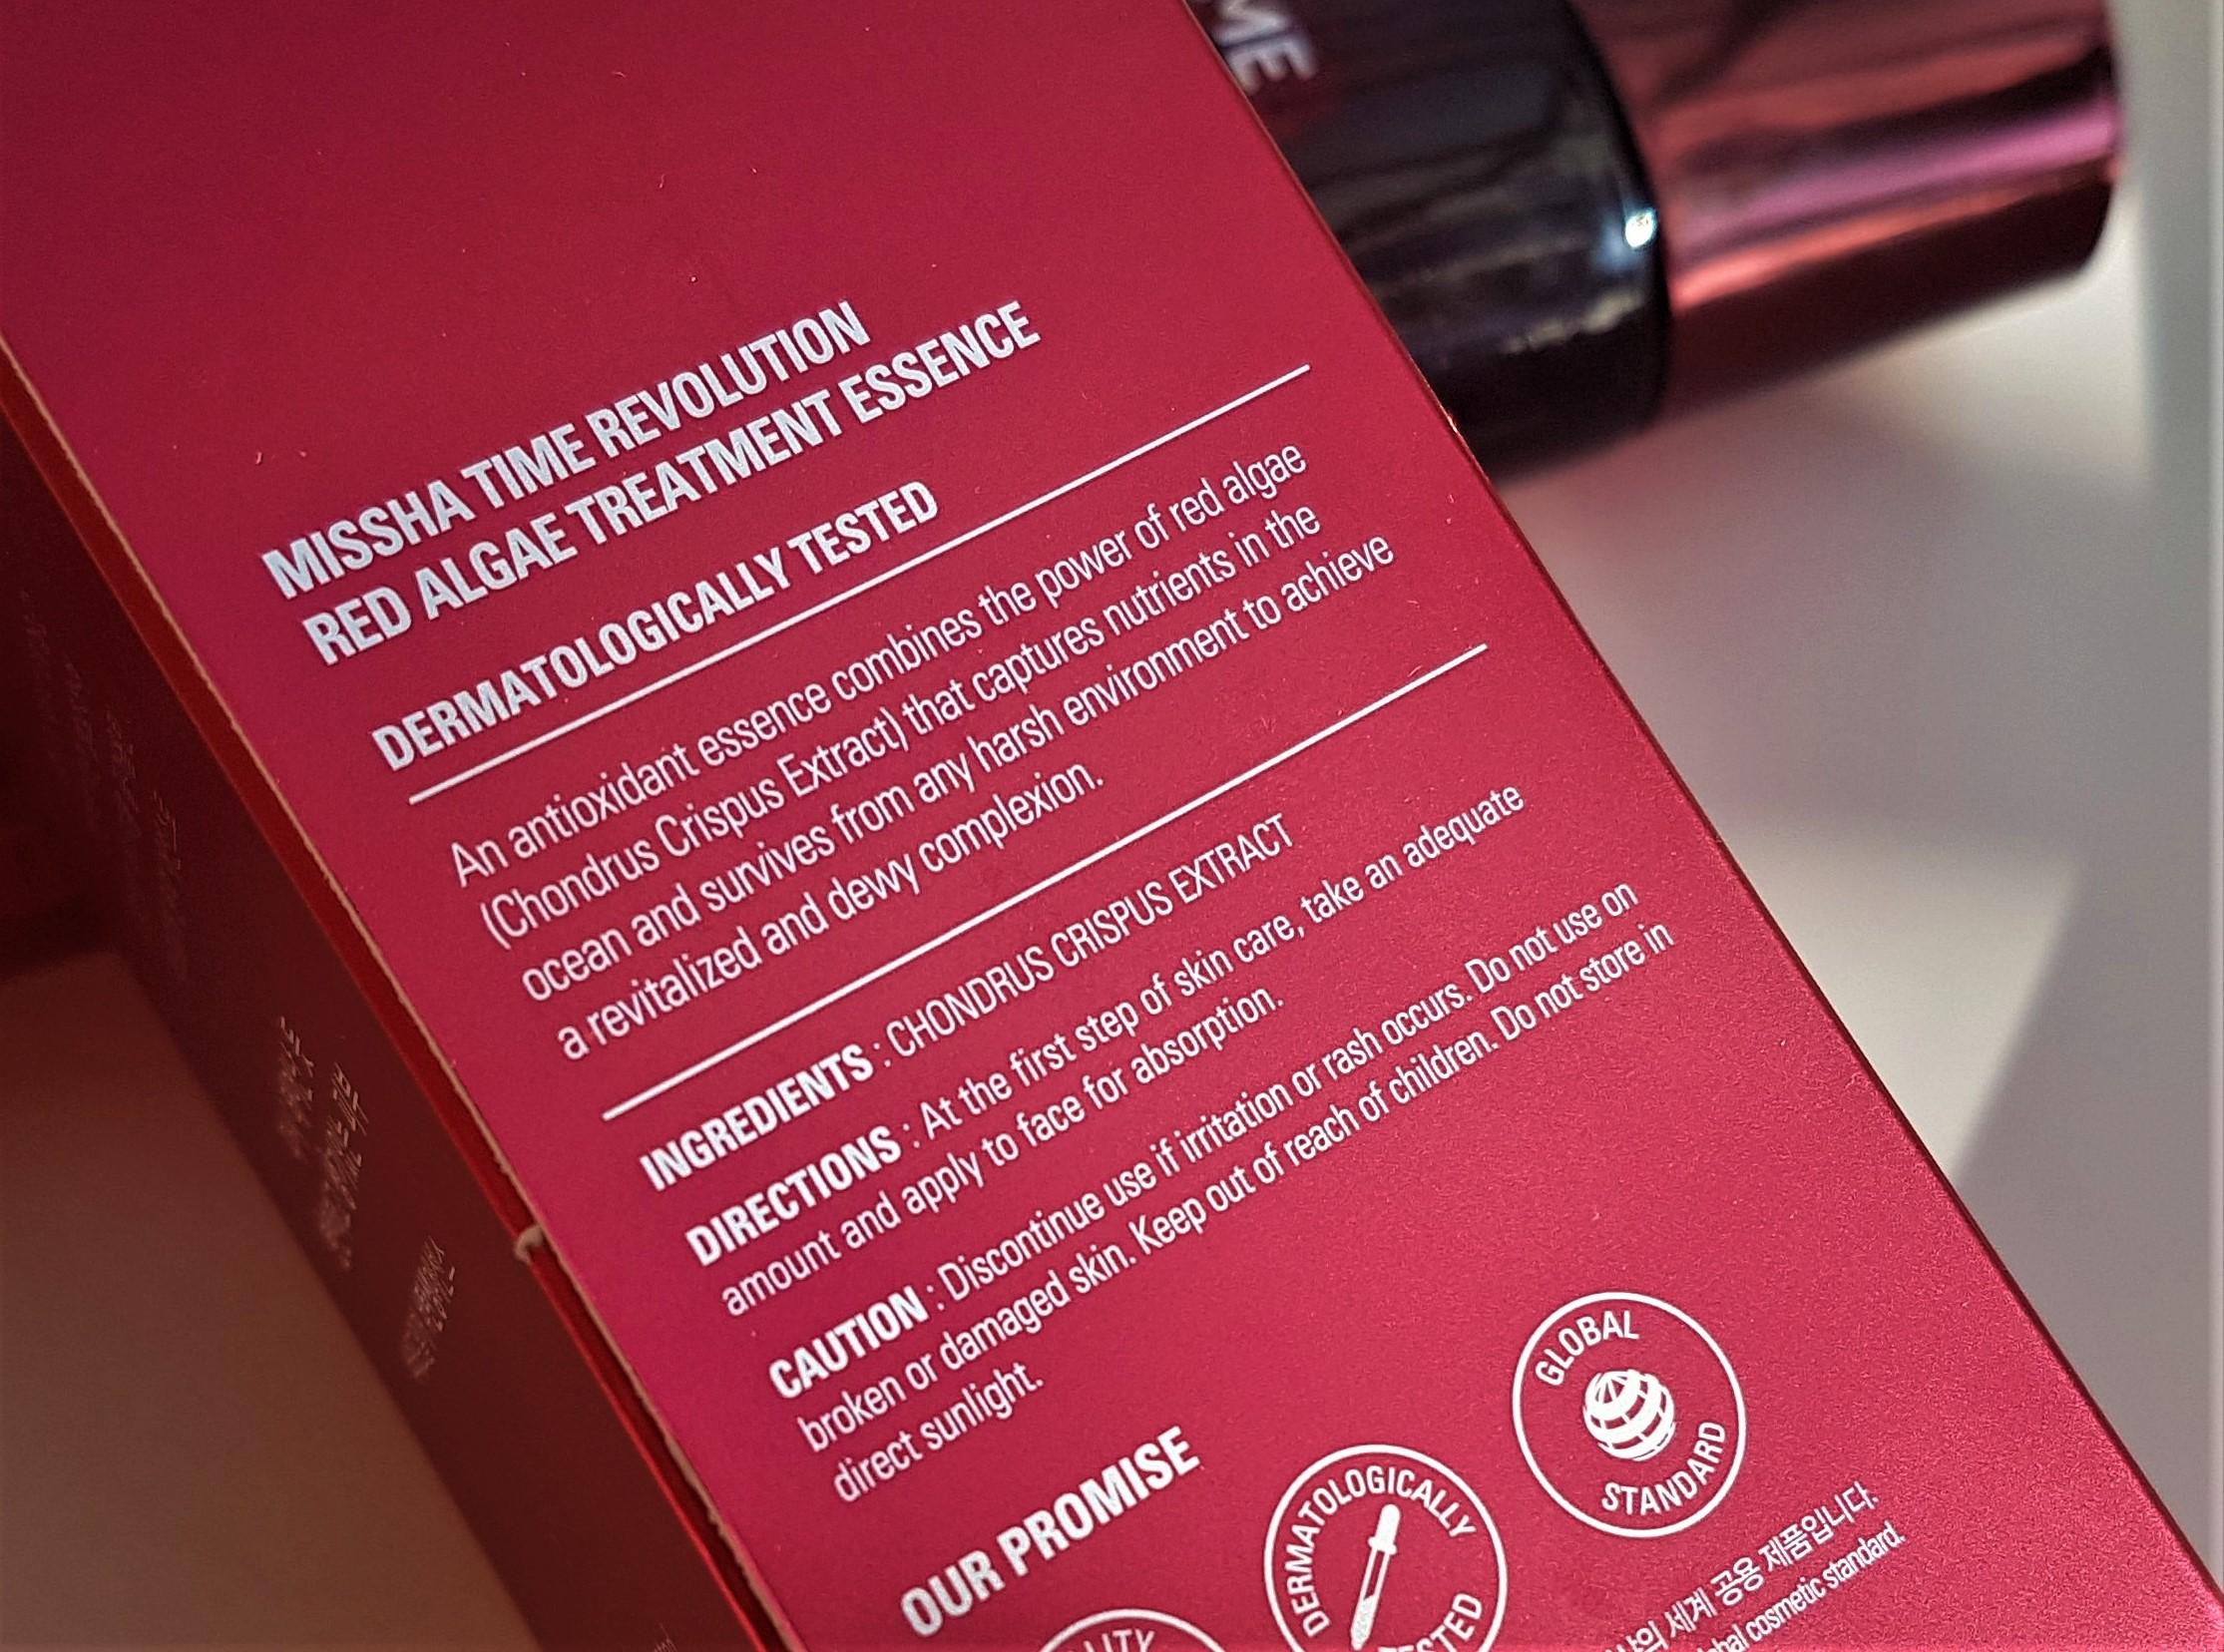 Missha Red Algae Treatment Essence Ingredients